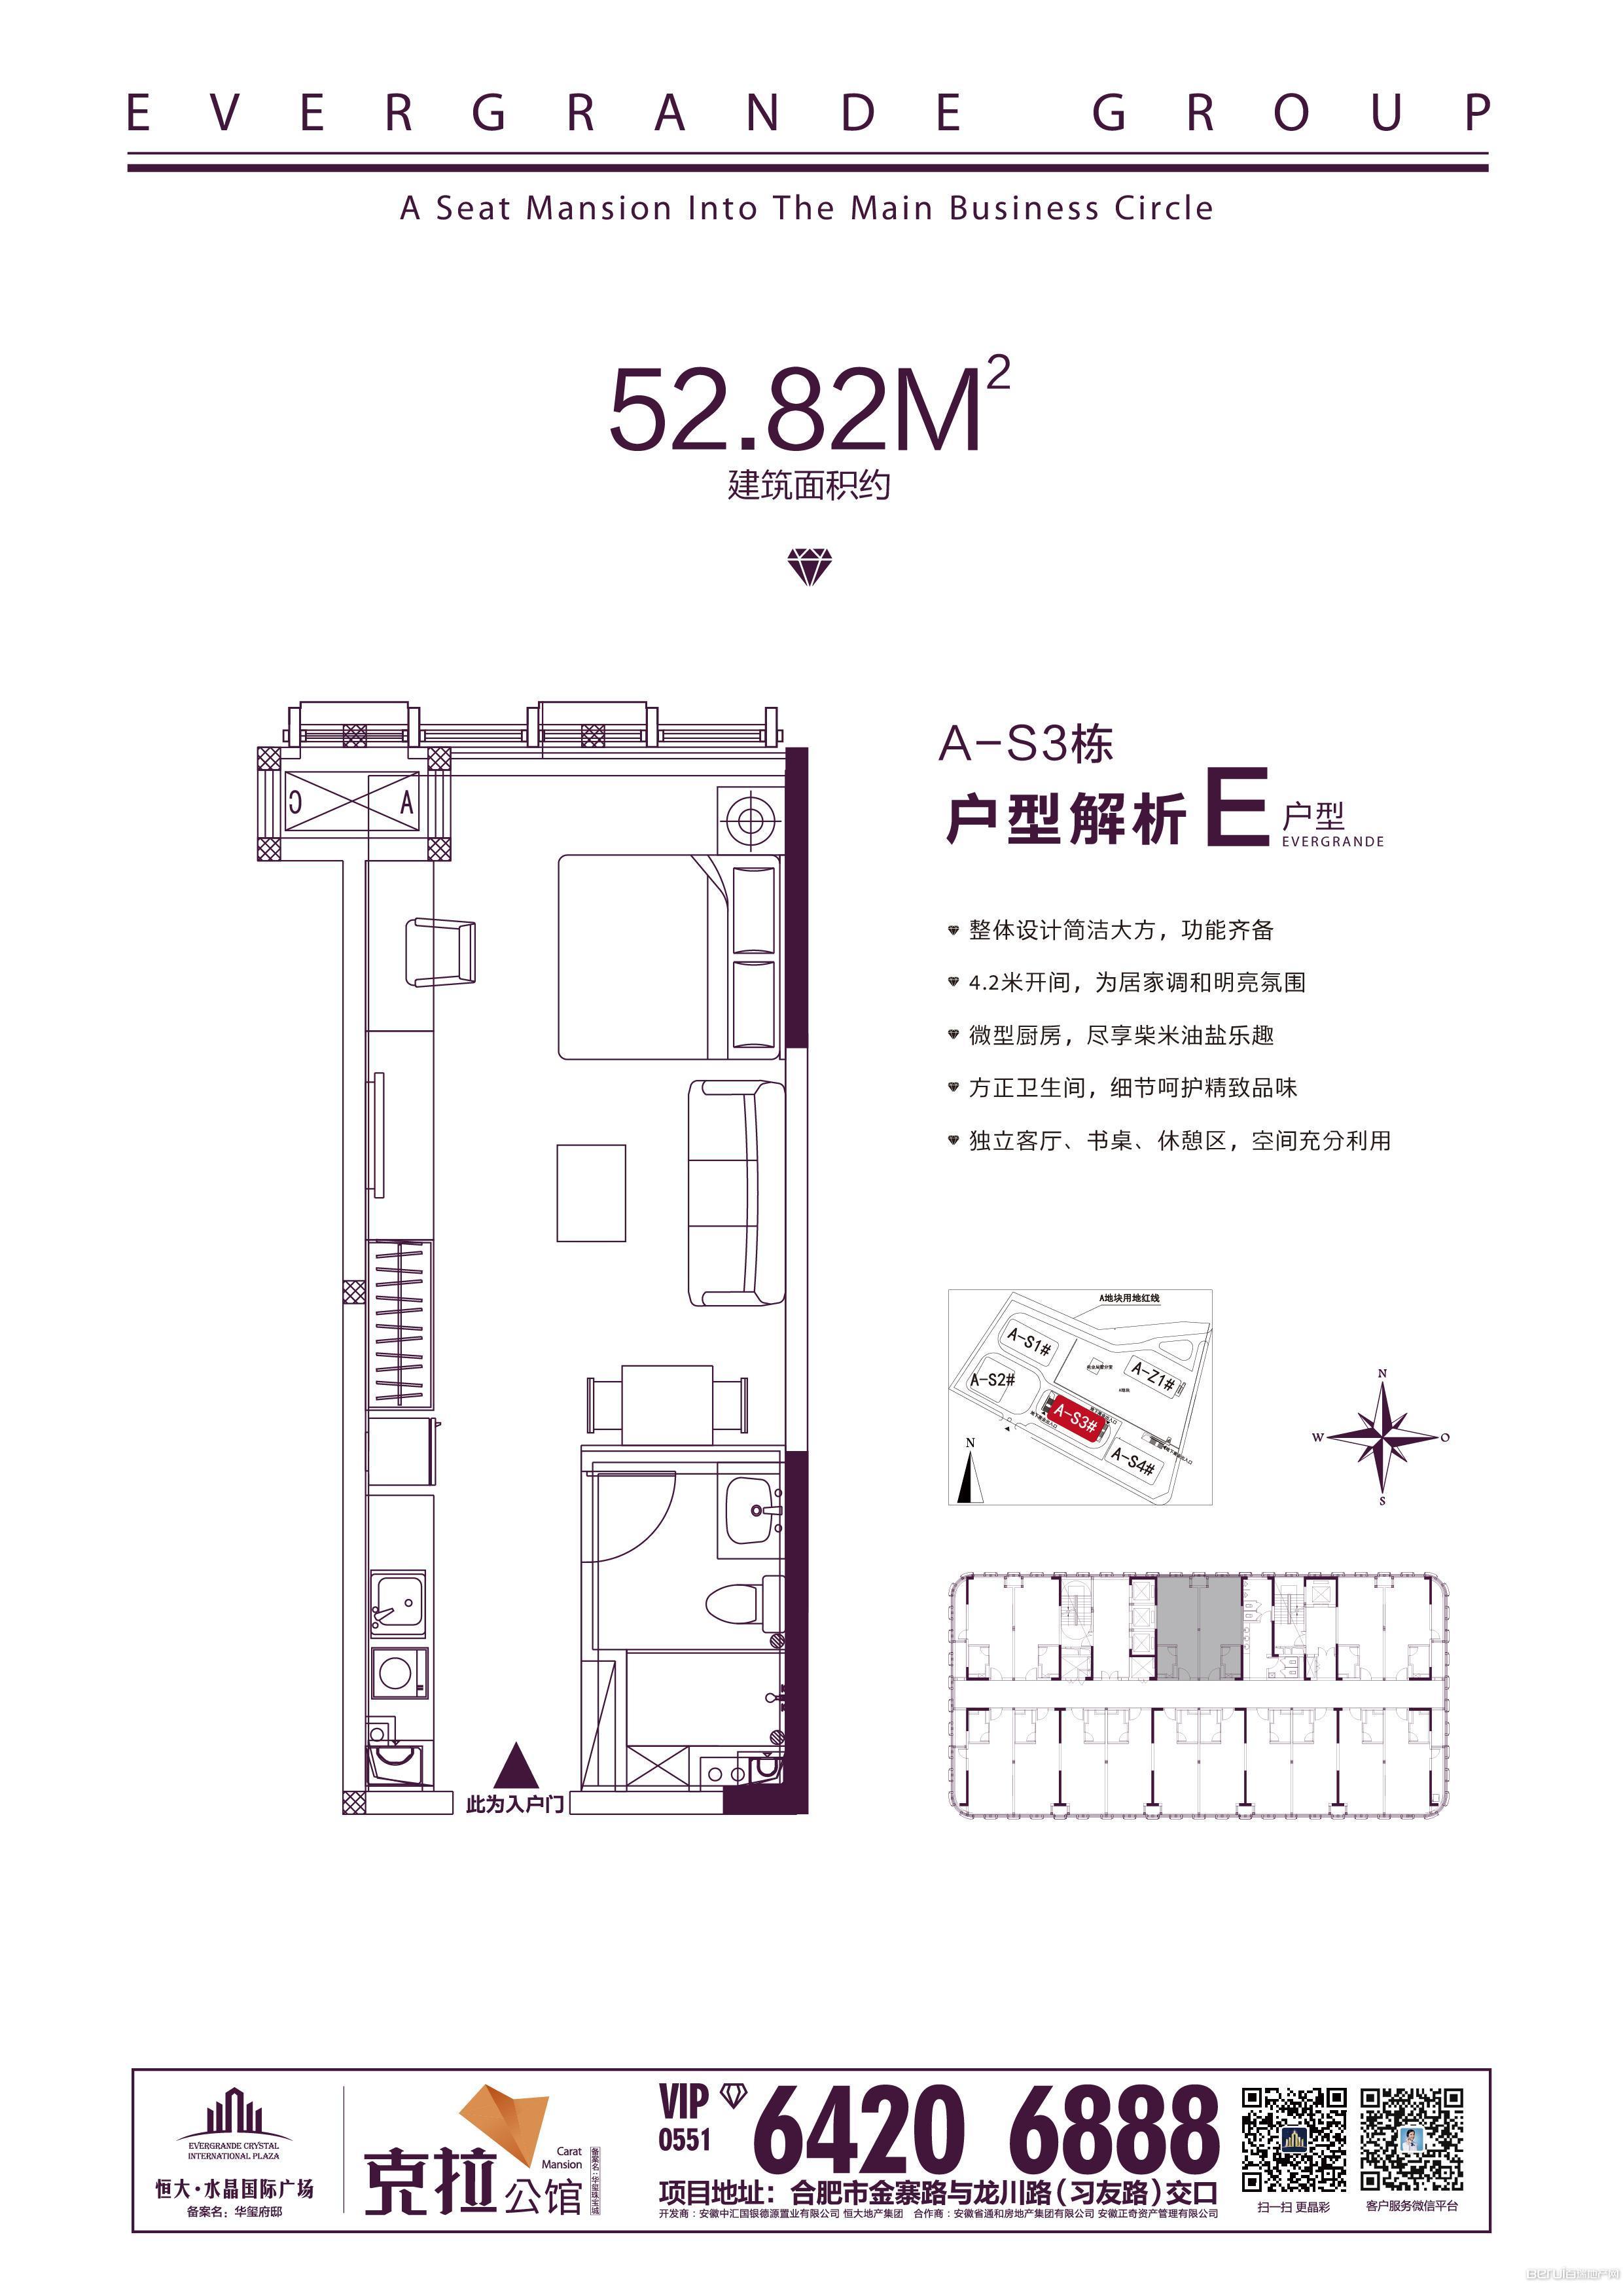 恒大水晶国际广场A-S3#E